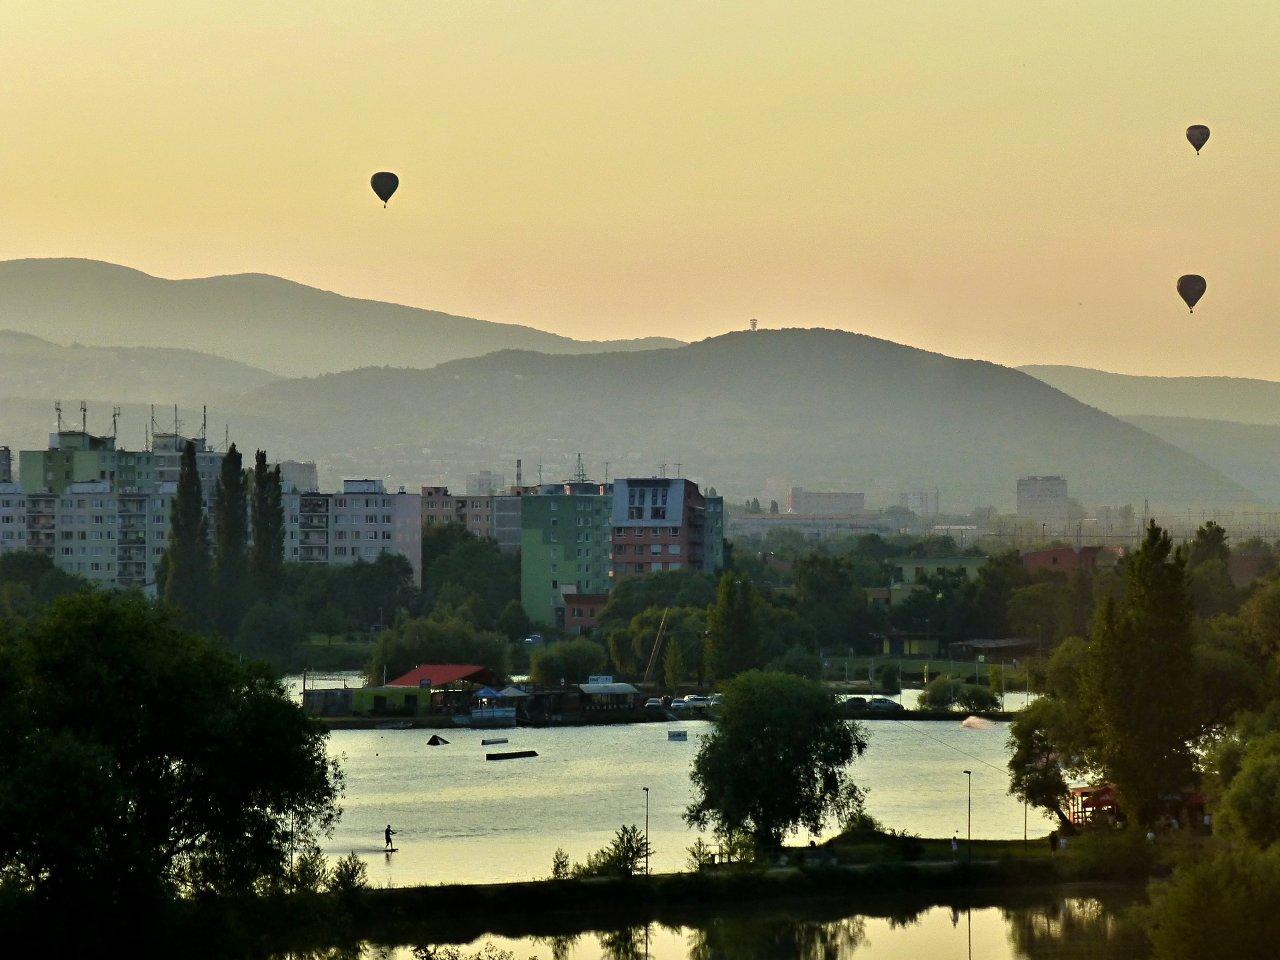 Balloon Fiesta 2015 in Kosice, Slovakia